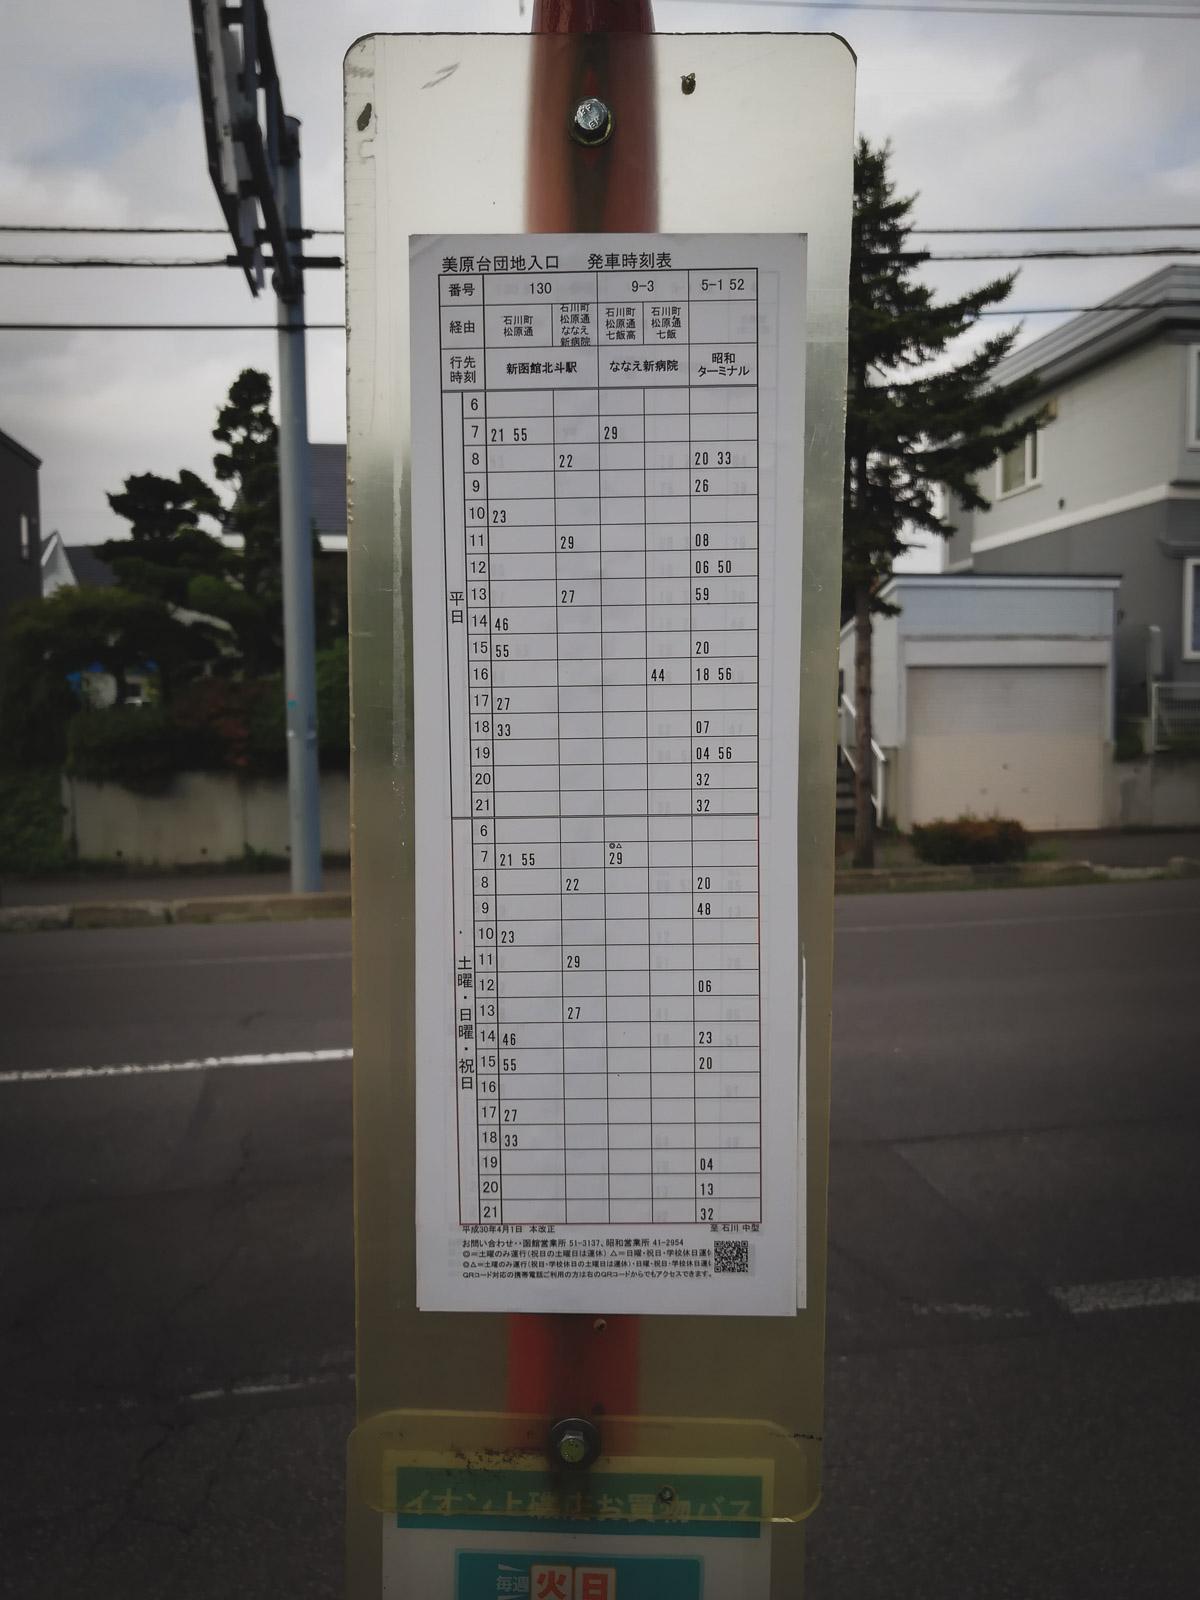 函館バス130系統「美原台入口」バス亭の時刻表